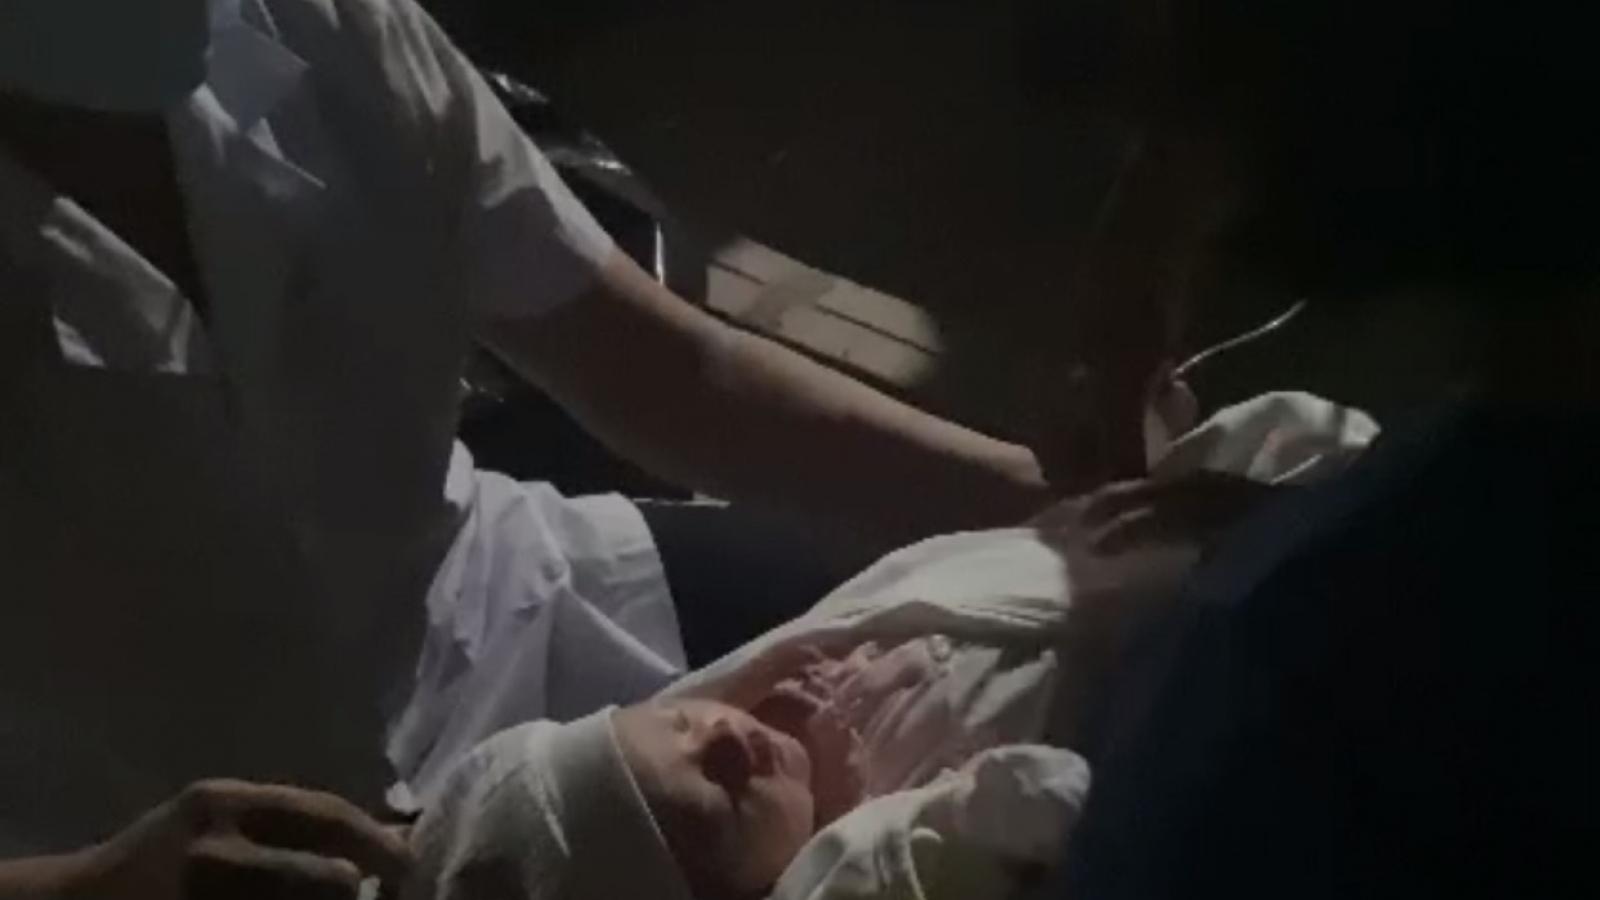 Phát hiện bé sơ sinh bị bỏ rơi tại cổng miếu làng